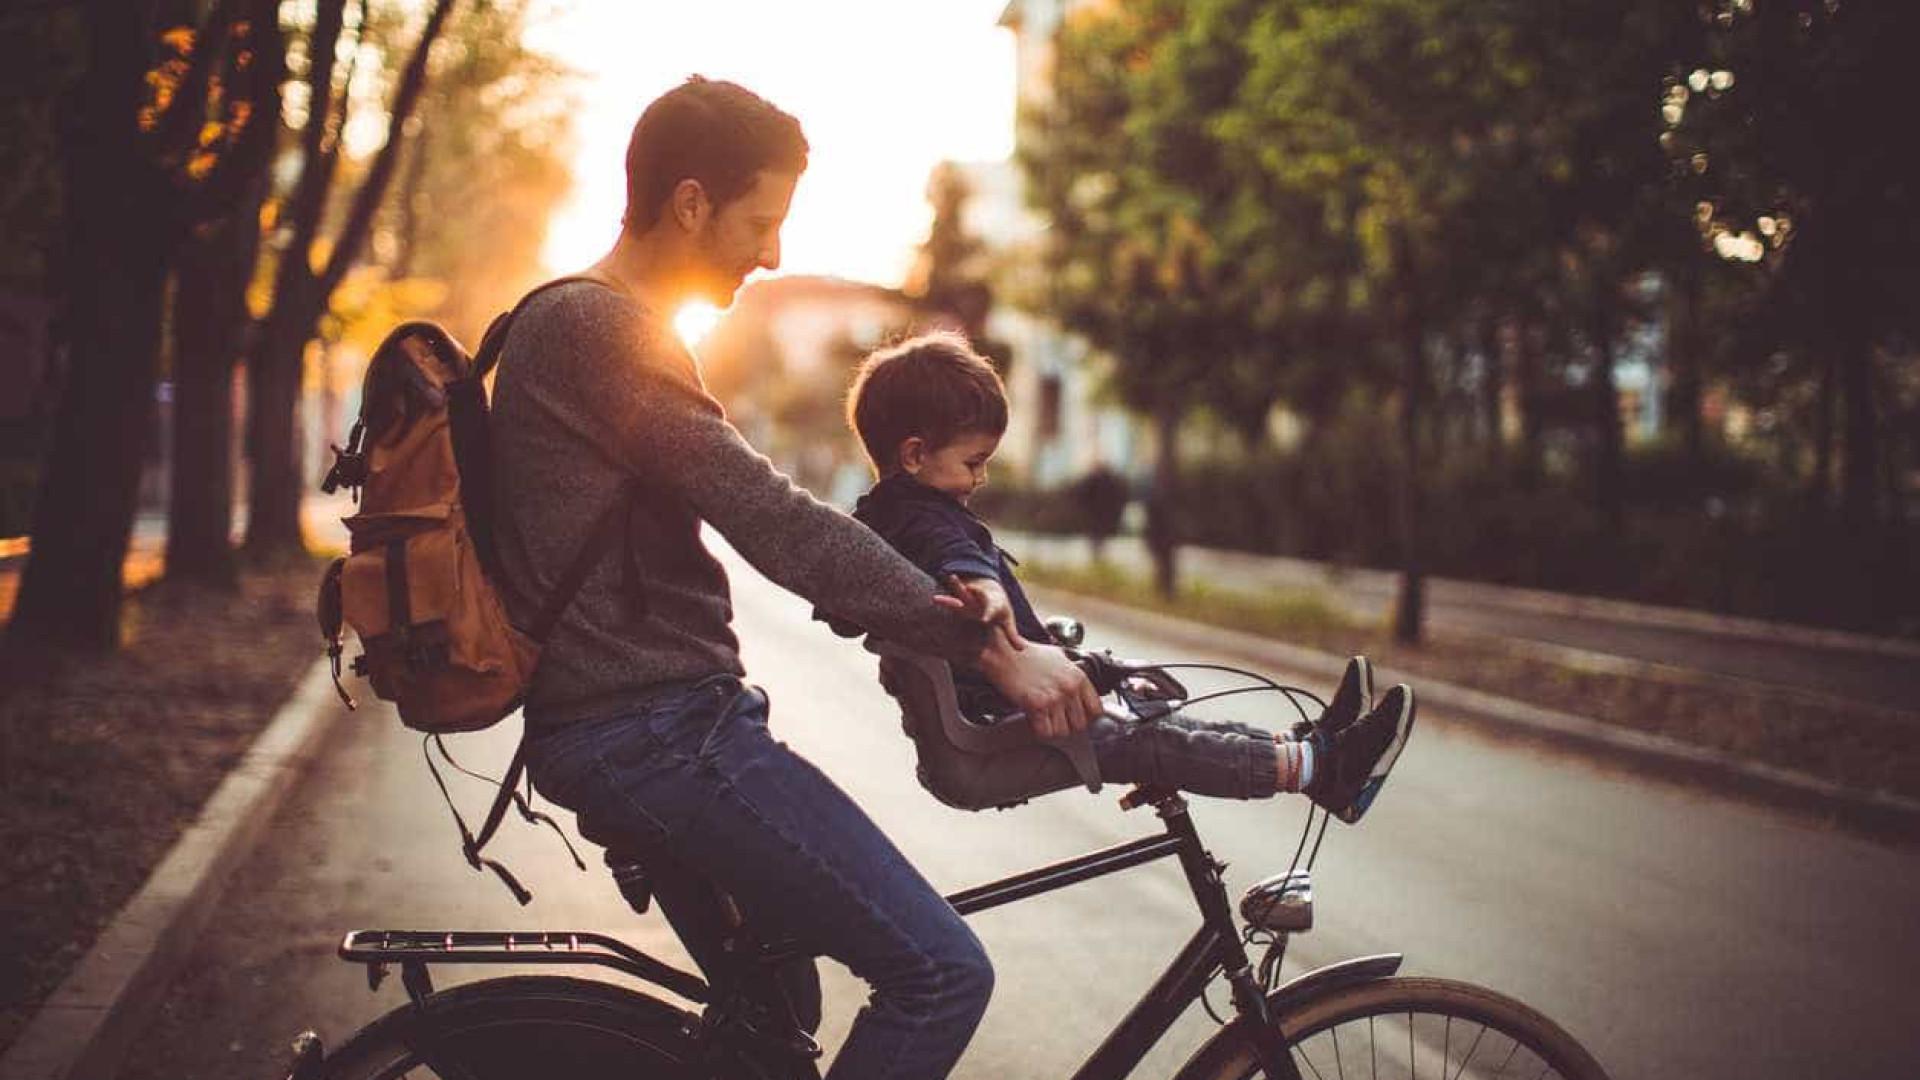 E que tal começar a pedalar até ao trabalho? A saúde agradece